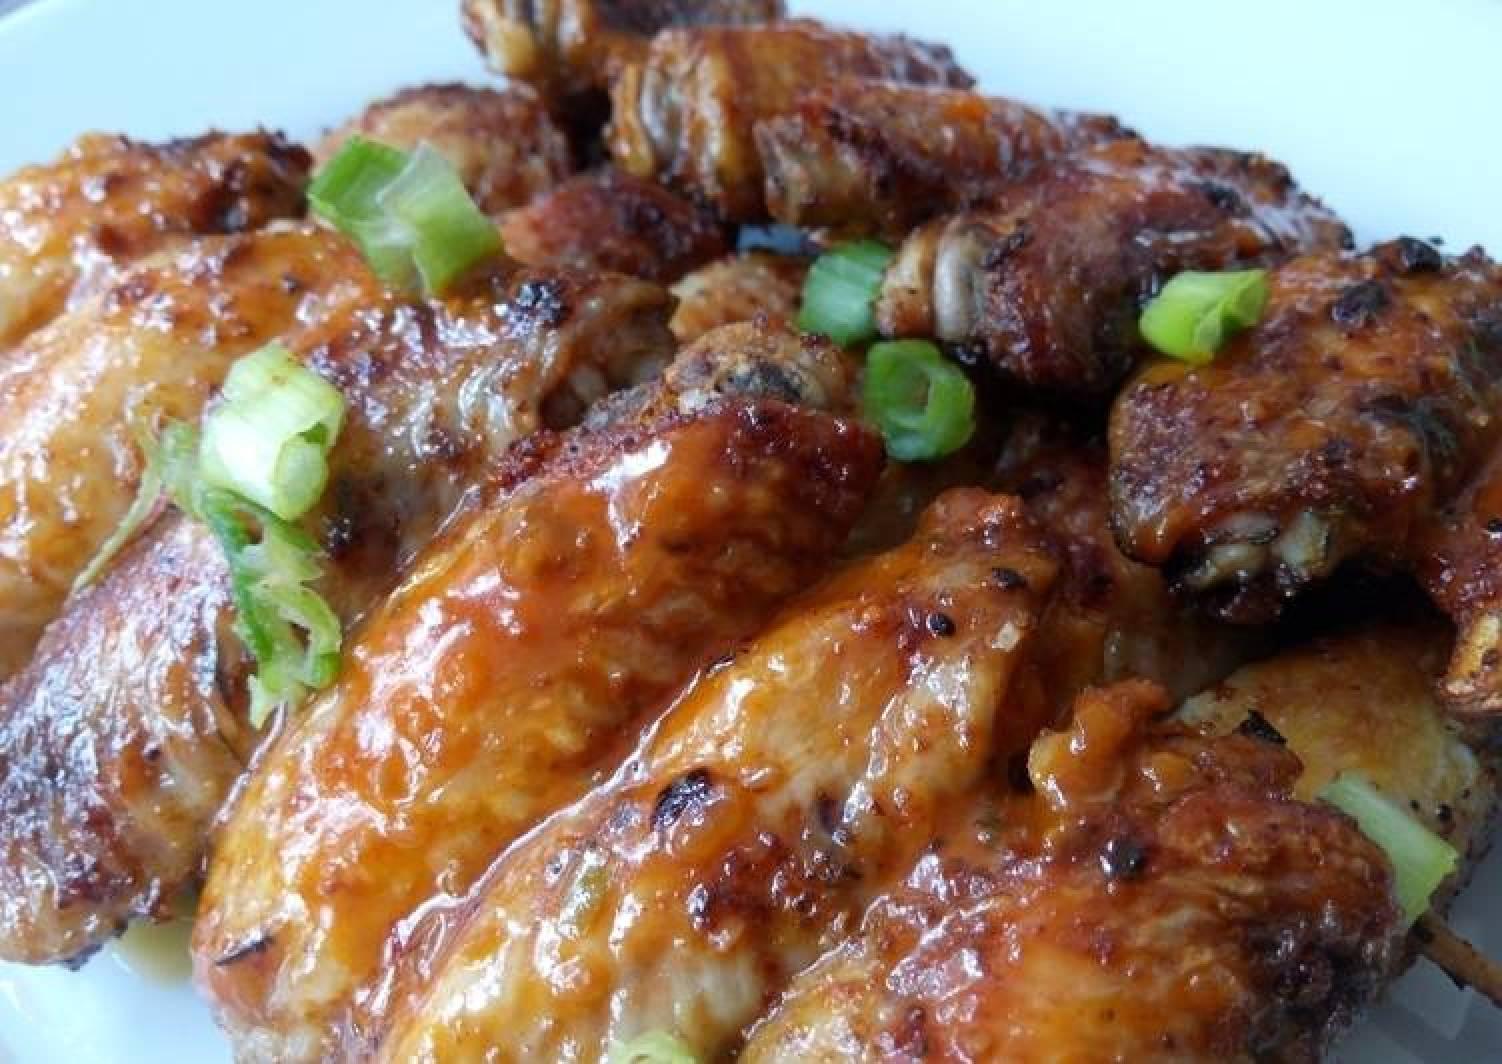 Portuguese Peri-peri chicken wings